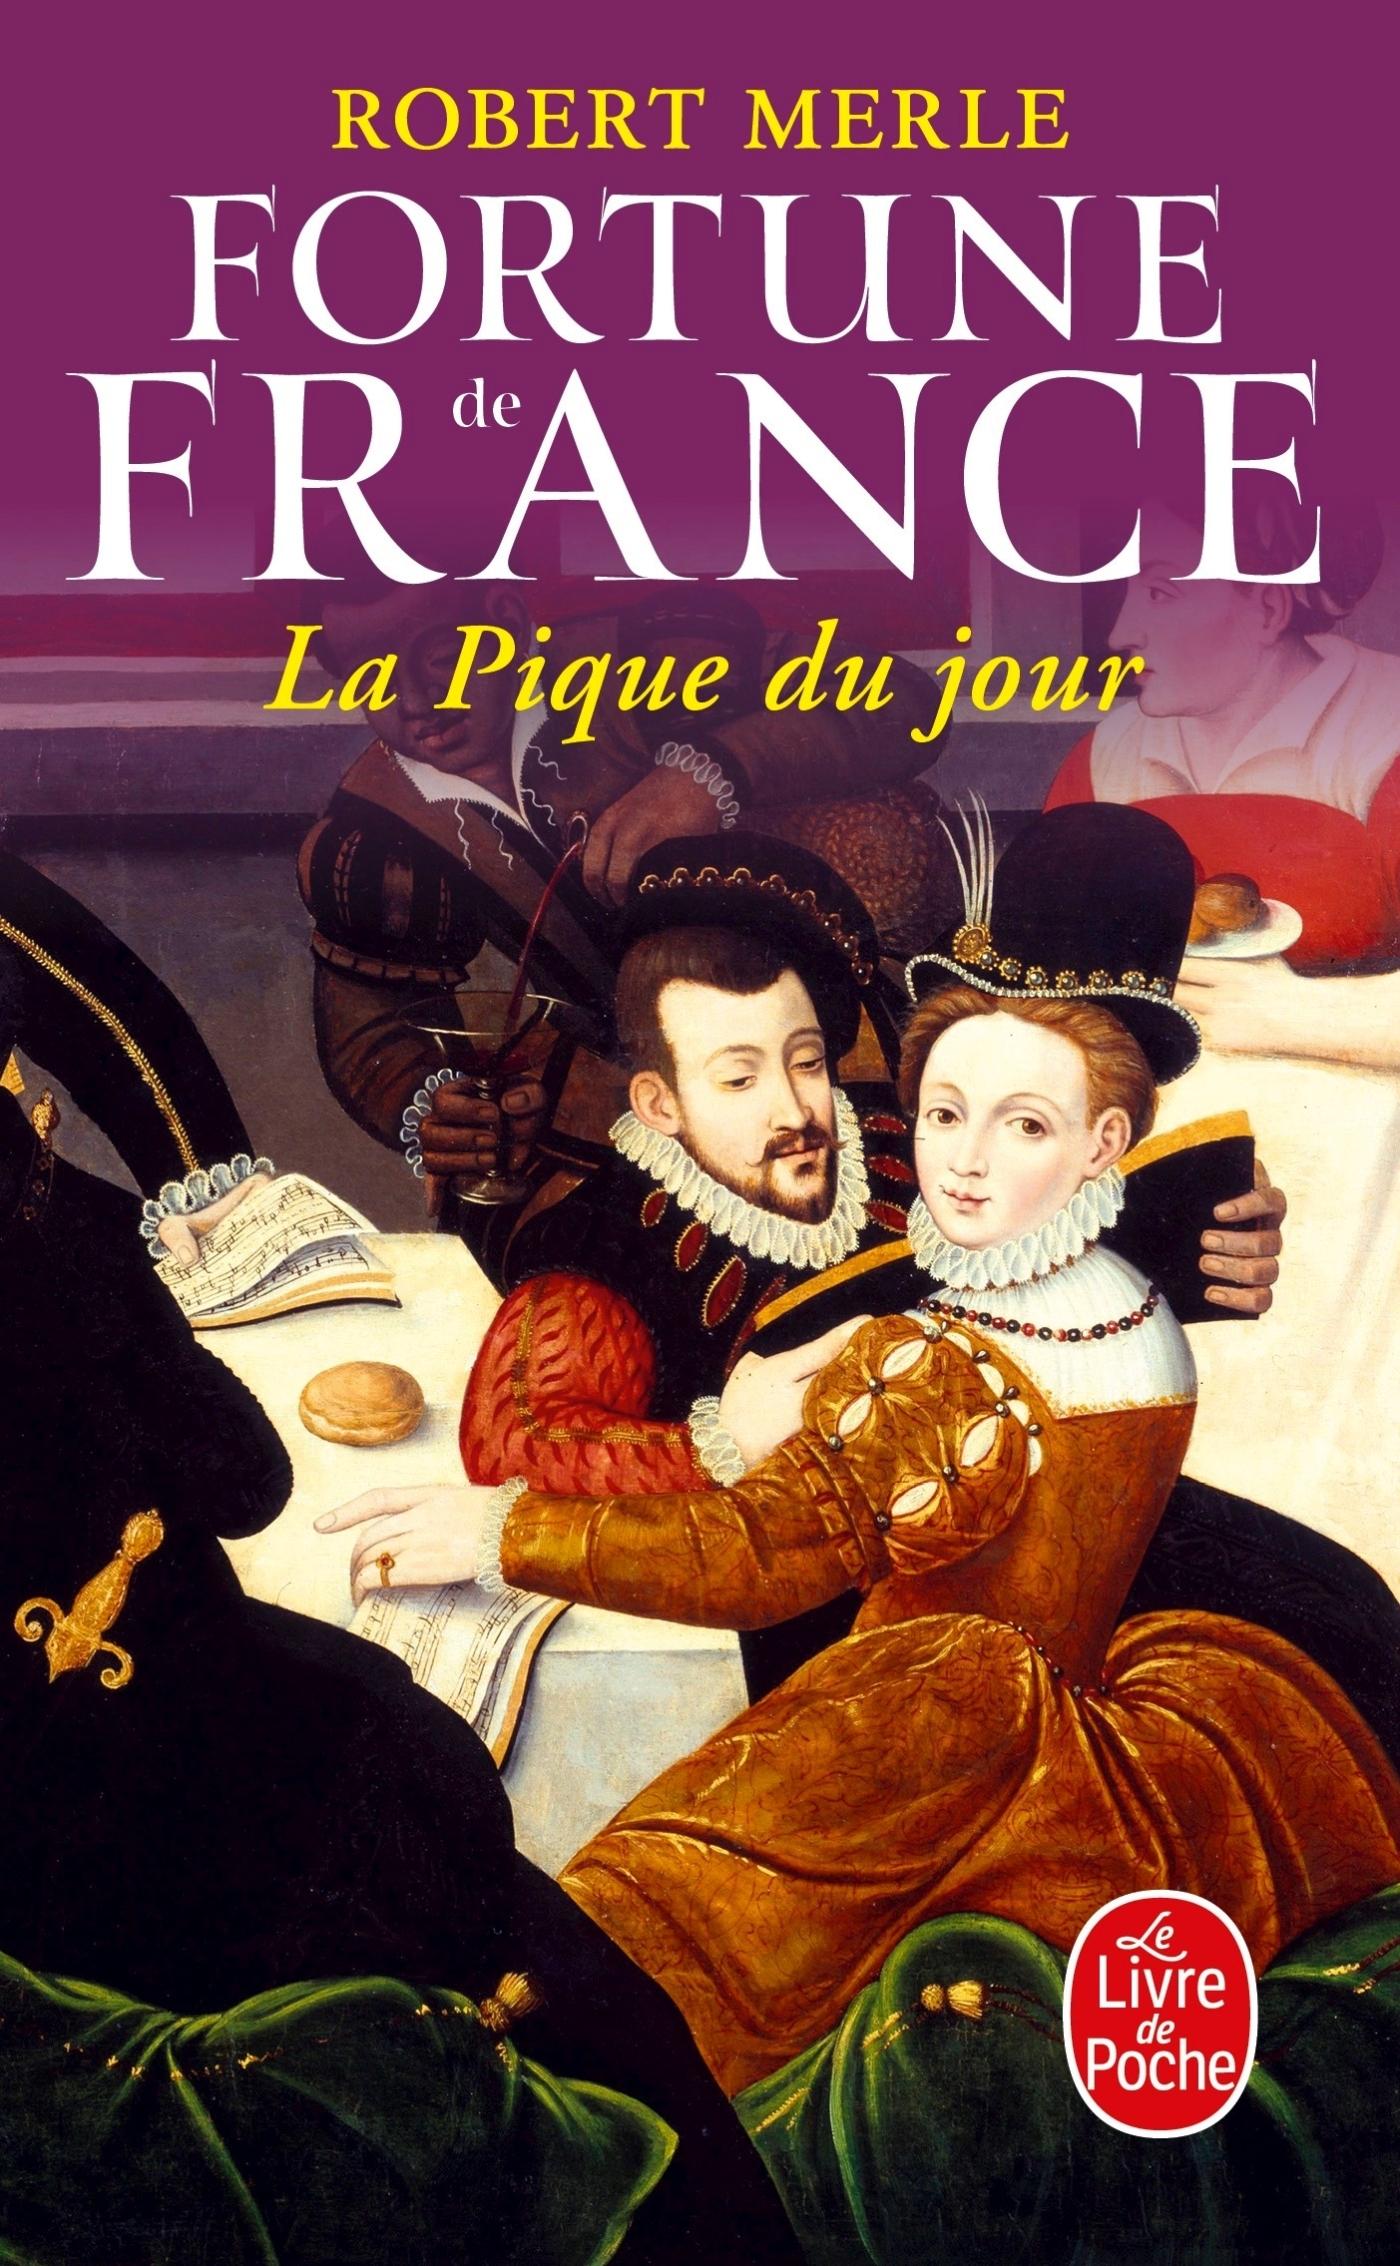 LA PIQUE DU JOUR (FORTUNE DE FRANCE, TOME 6)